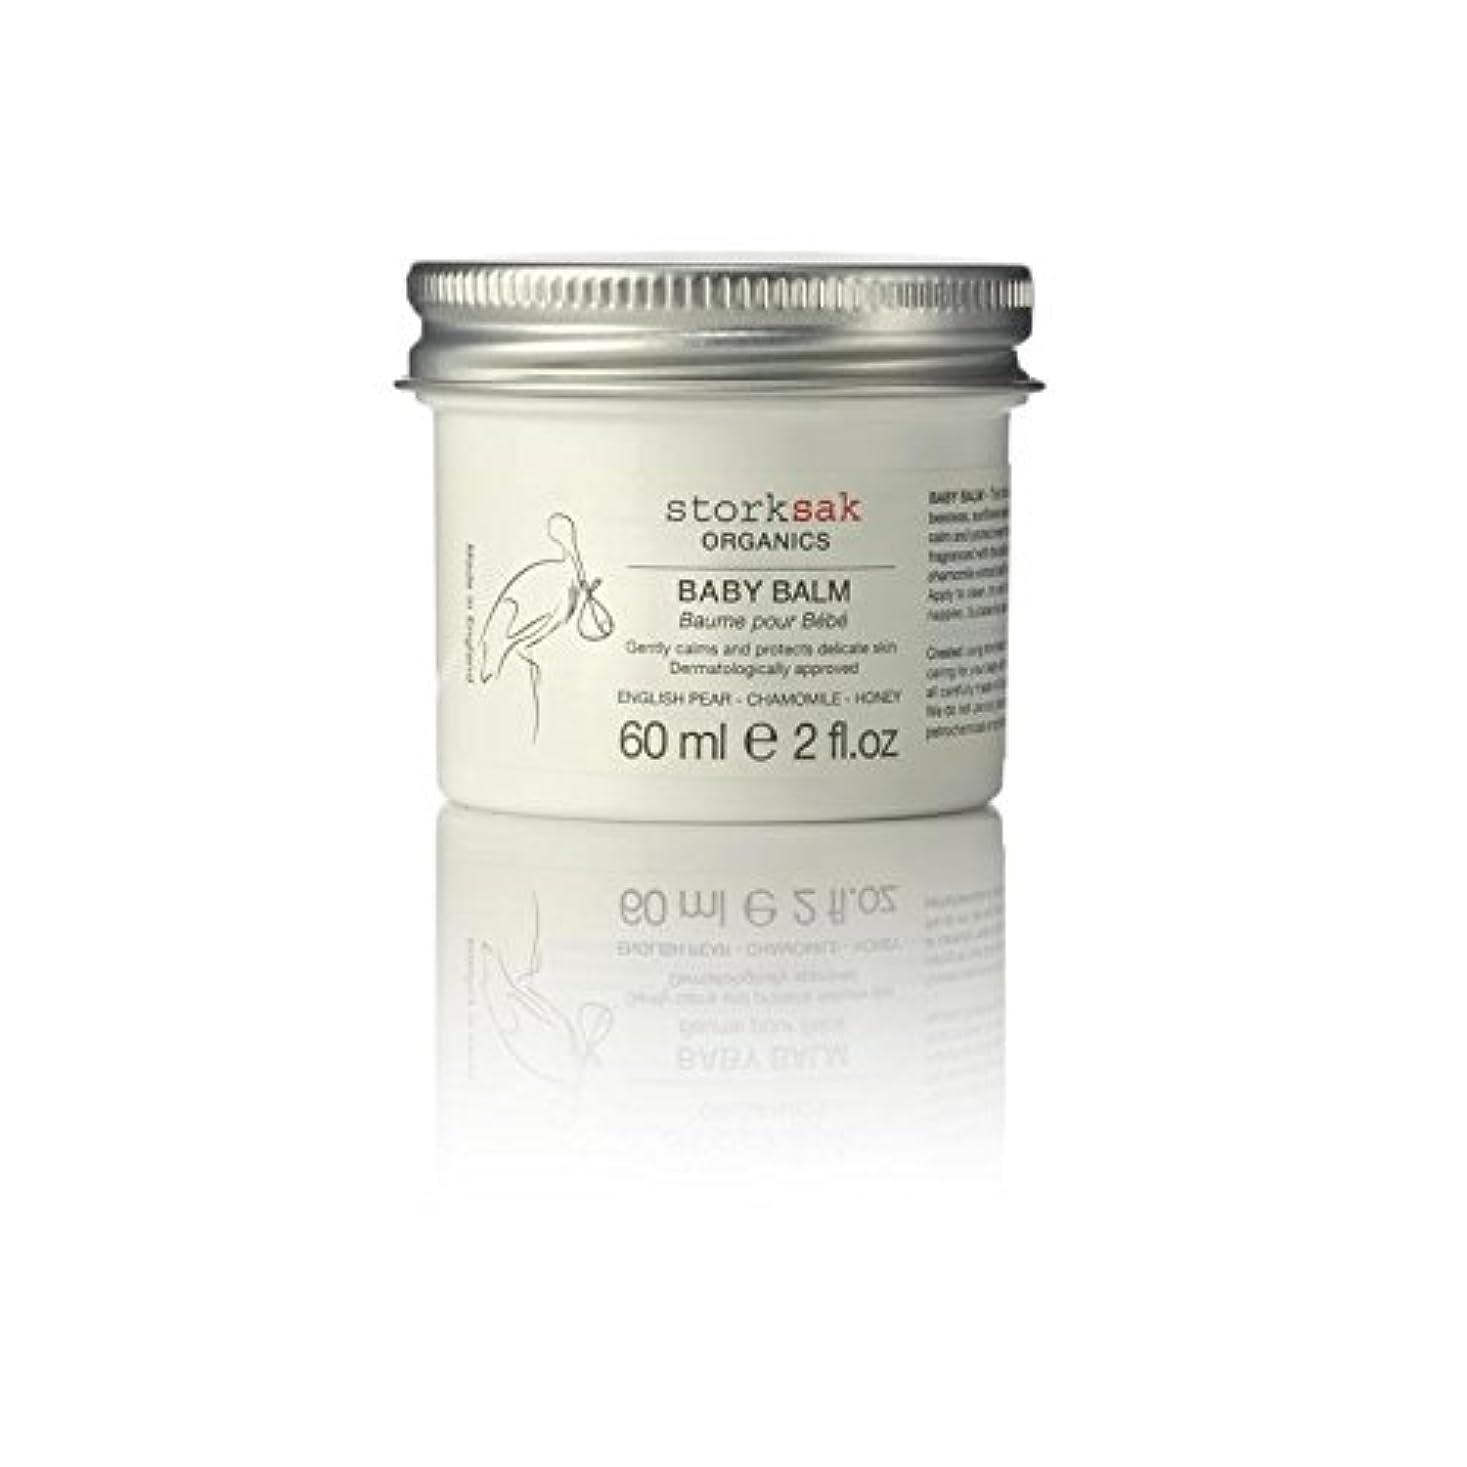 [Storksak] Storksak有機物クリーム60グラム - Storksak Organics Balm 60g [並行輸入品]